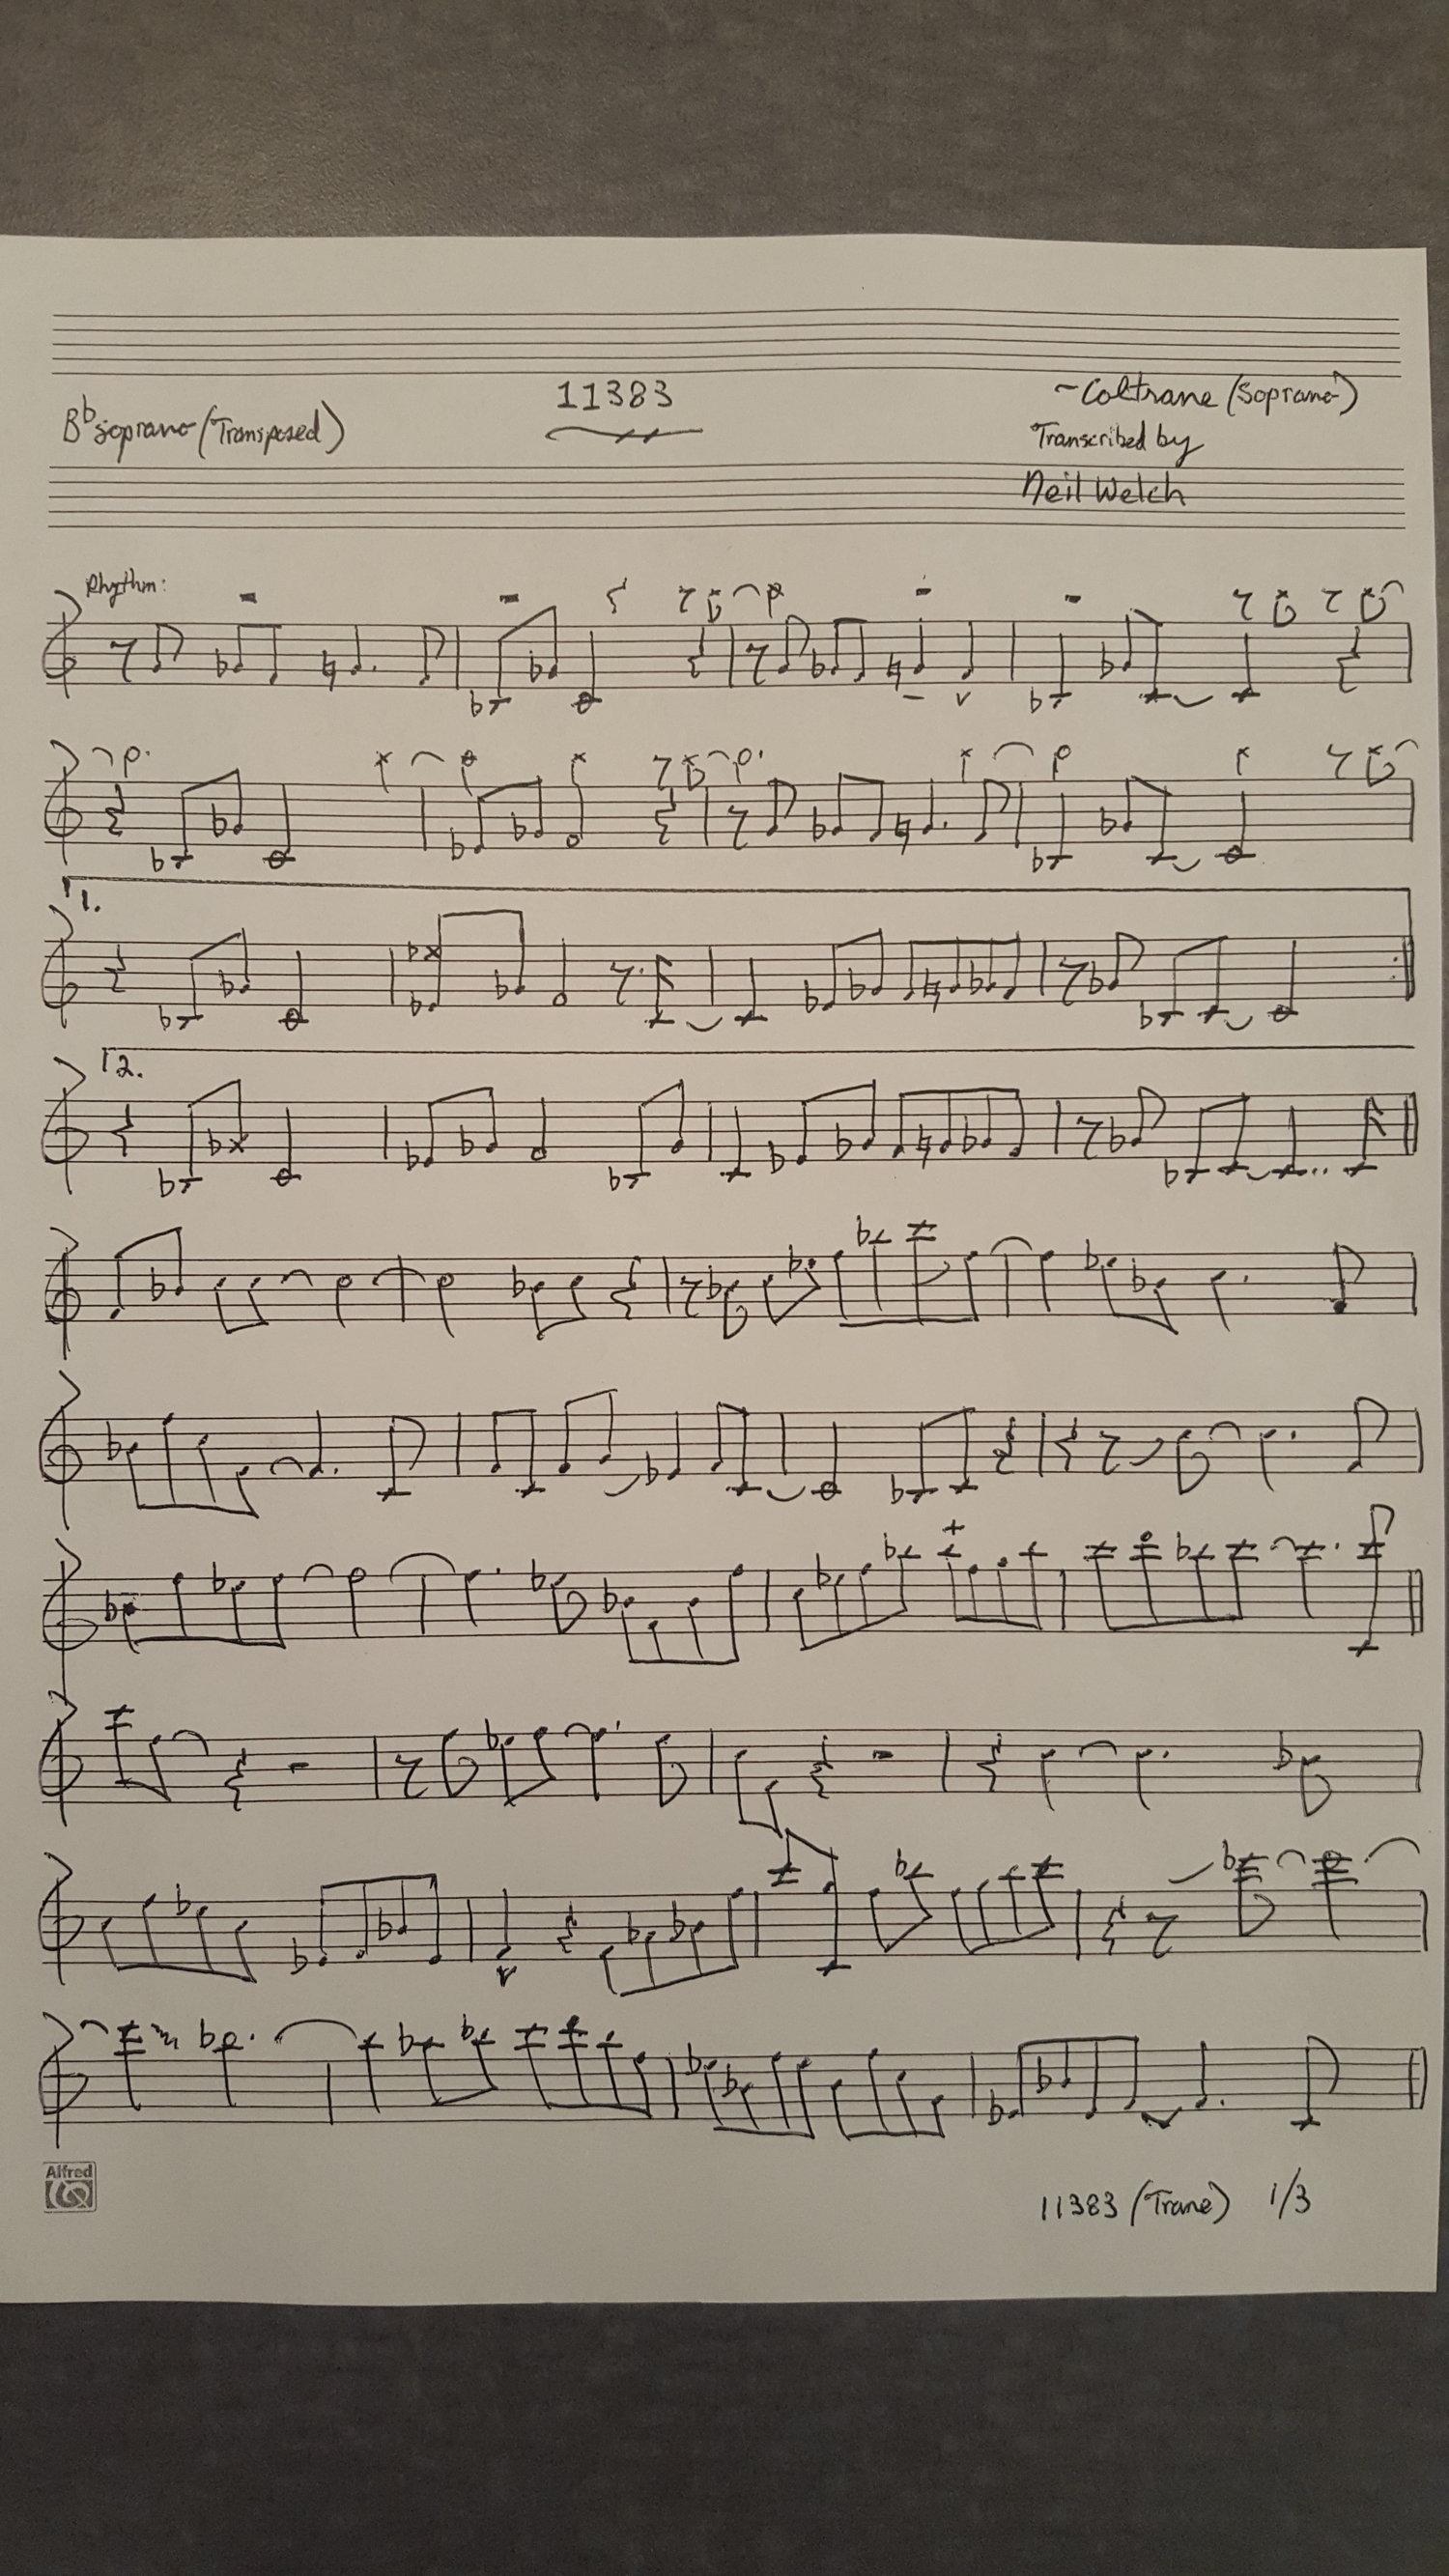 Coltrane Transcription: